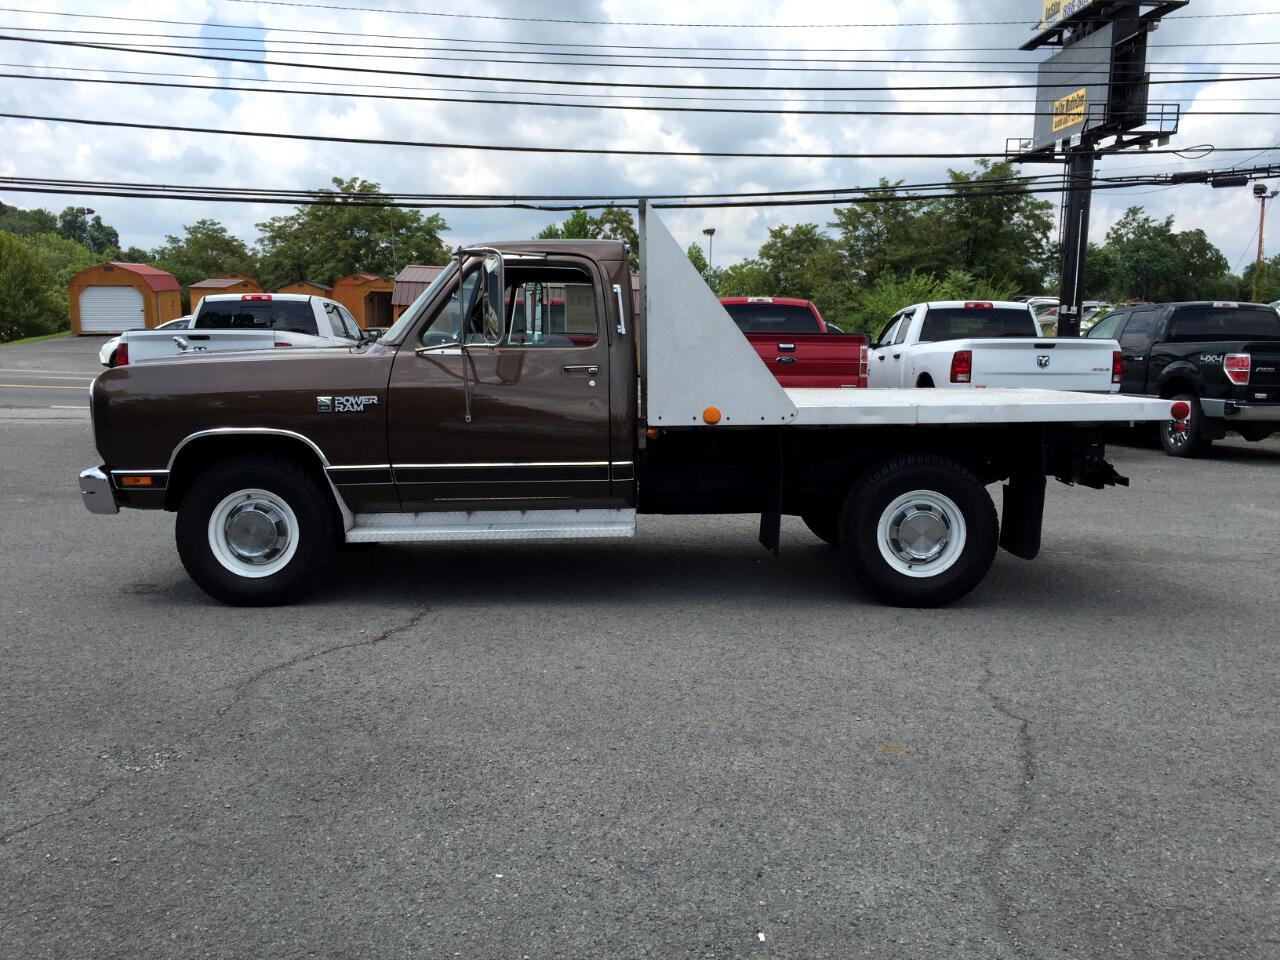 1988 Dodge 3/4 Ton Trucks W250 Sweptline 4WD